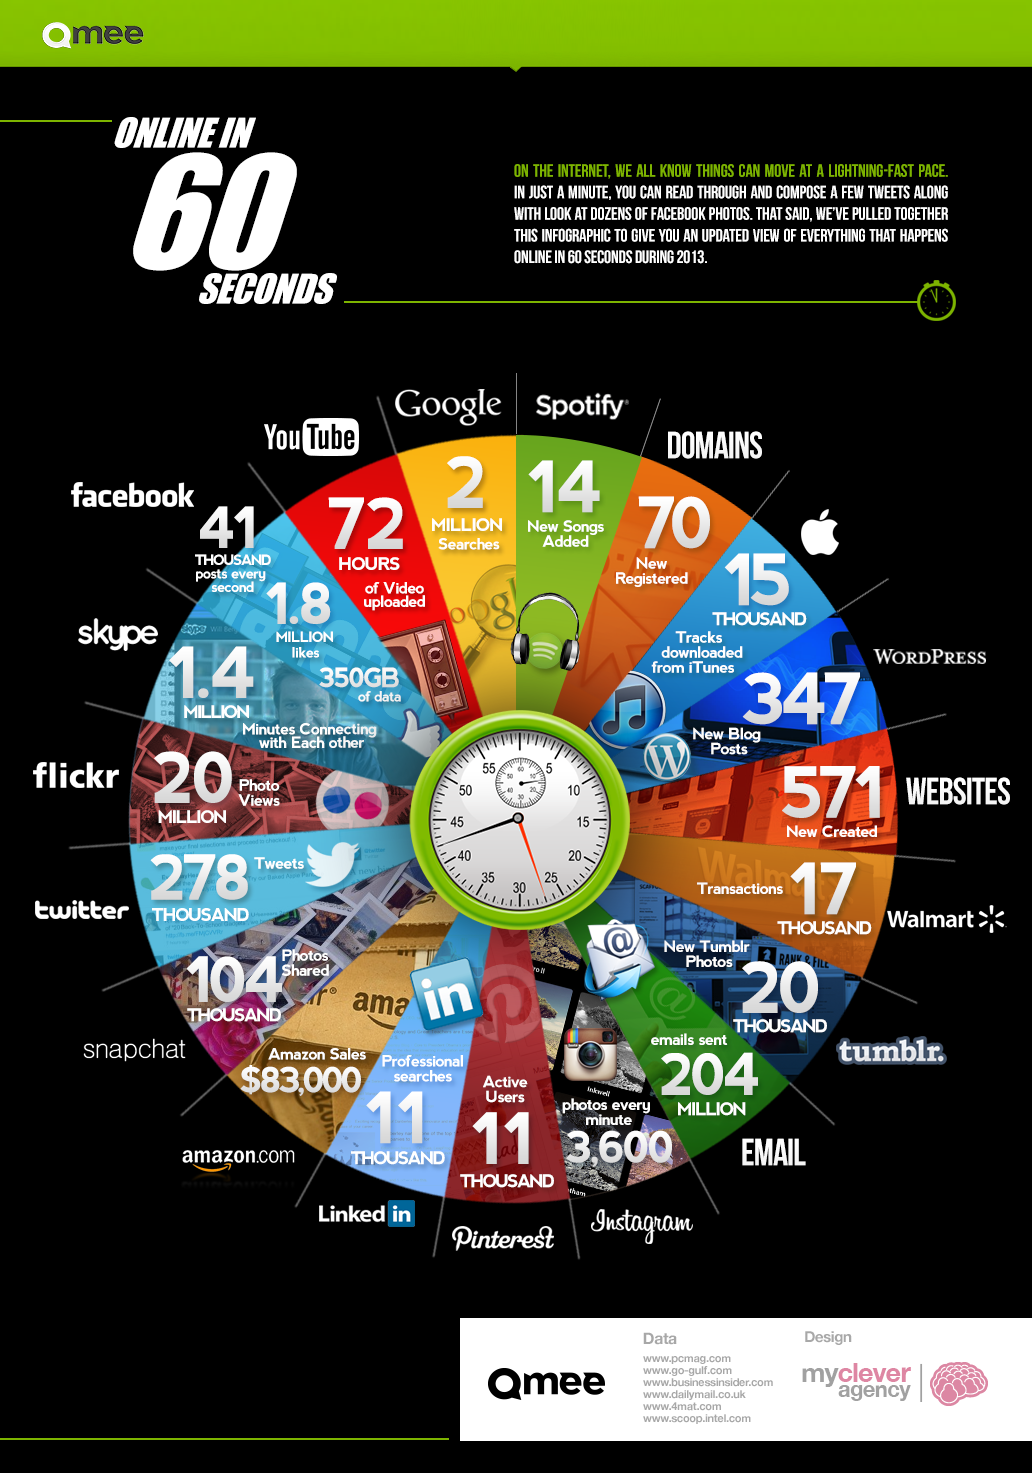 cosa accade su internet in 1 minuto